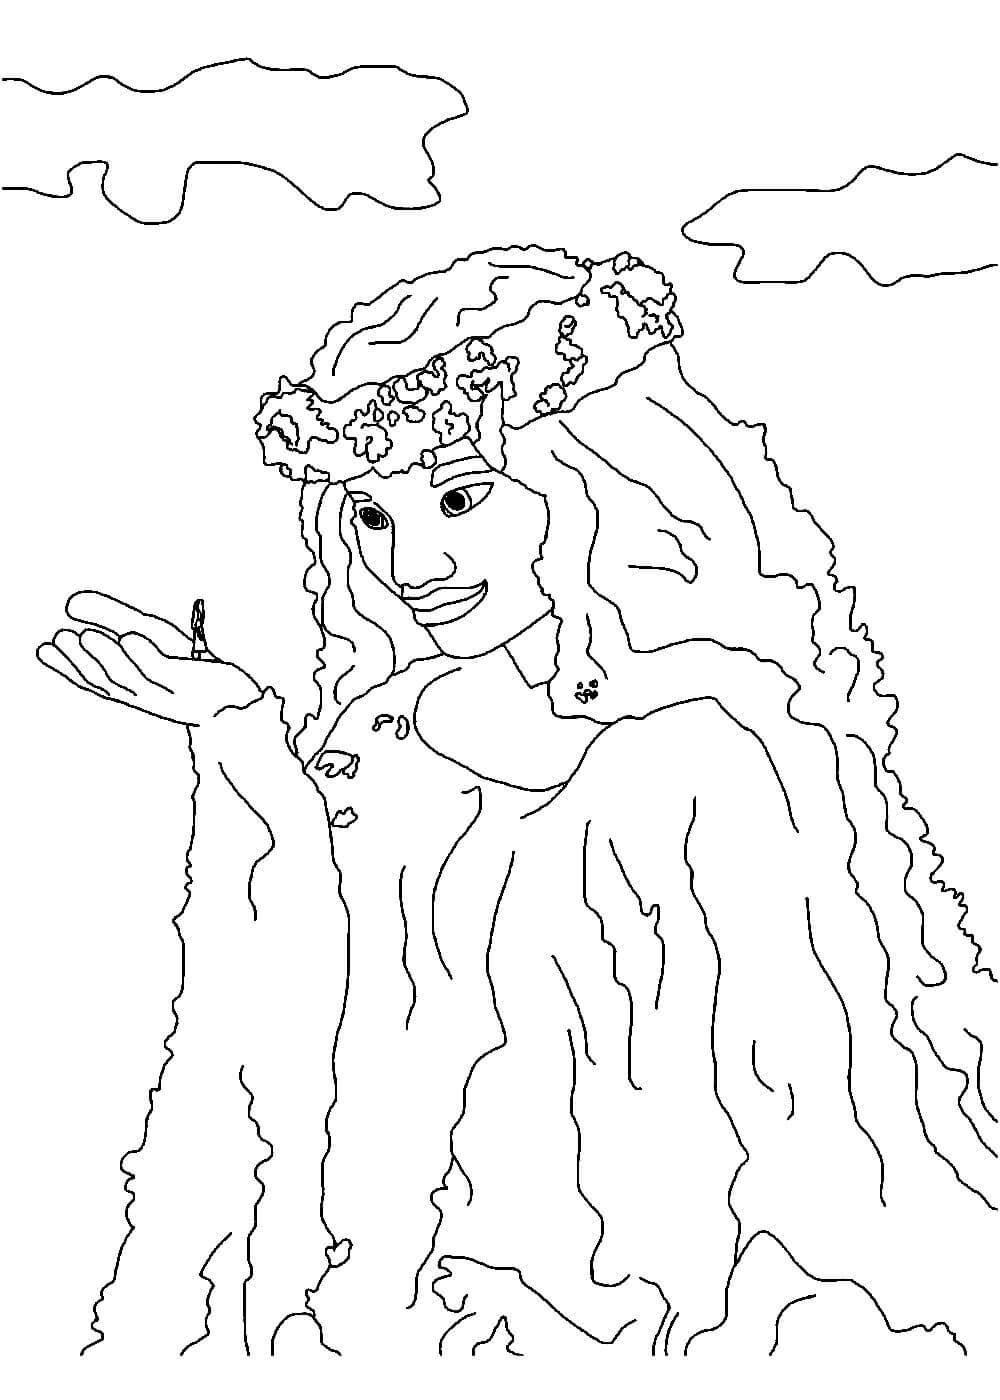 Раскраски Моаны распечатать или скачать бесплатно в ...